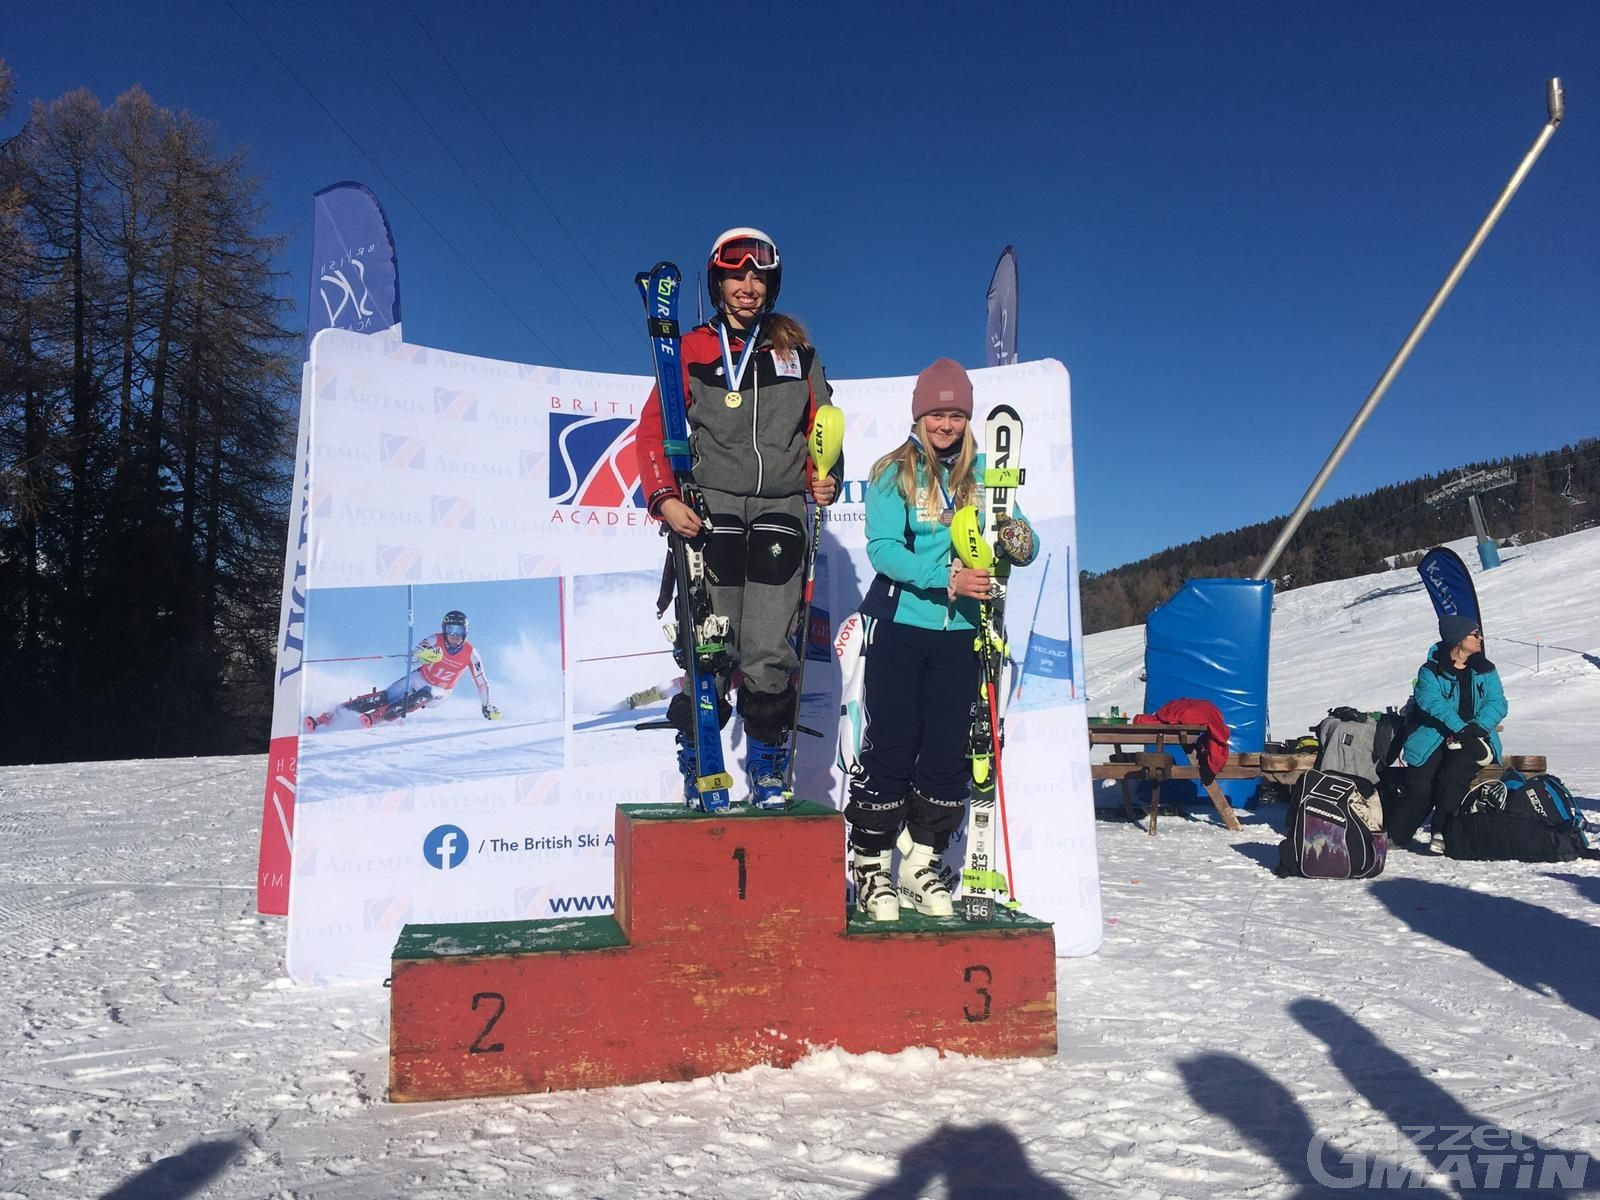 Sci alpino: Carole Agnelli e Benjamin Alliod vincono a Pila